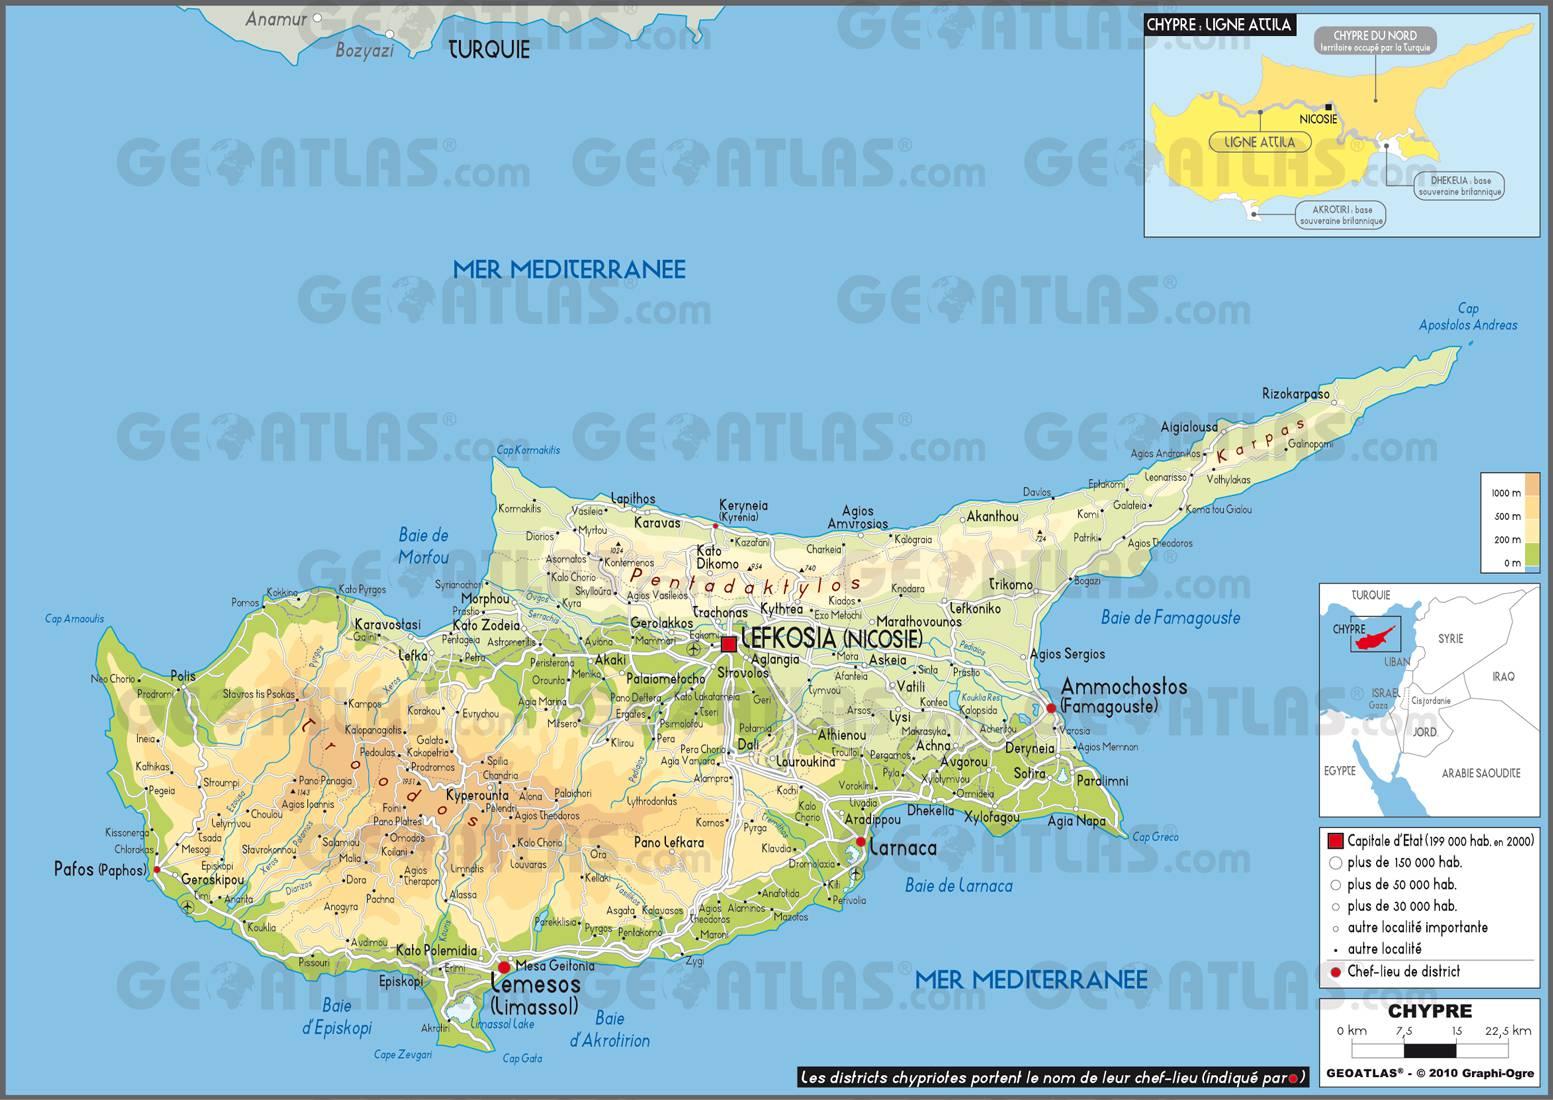 Voir Carte Chypre.Carte De Chypre Plusieurs Cartes Du Pays Villes Relief